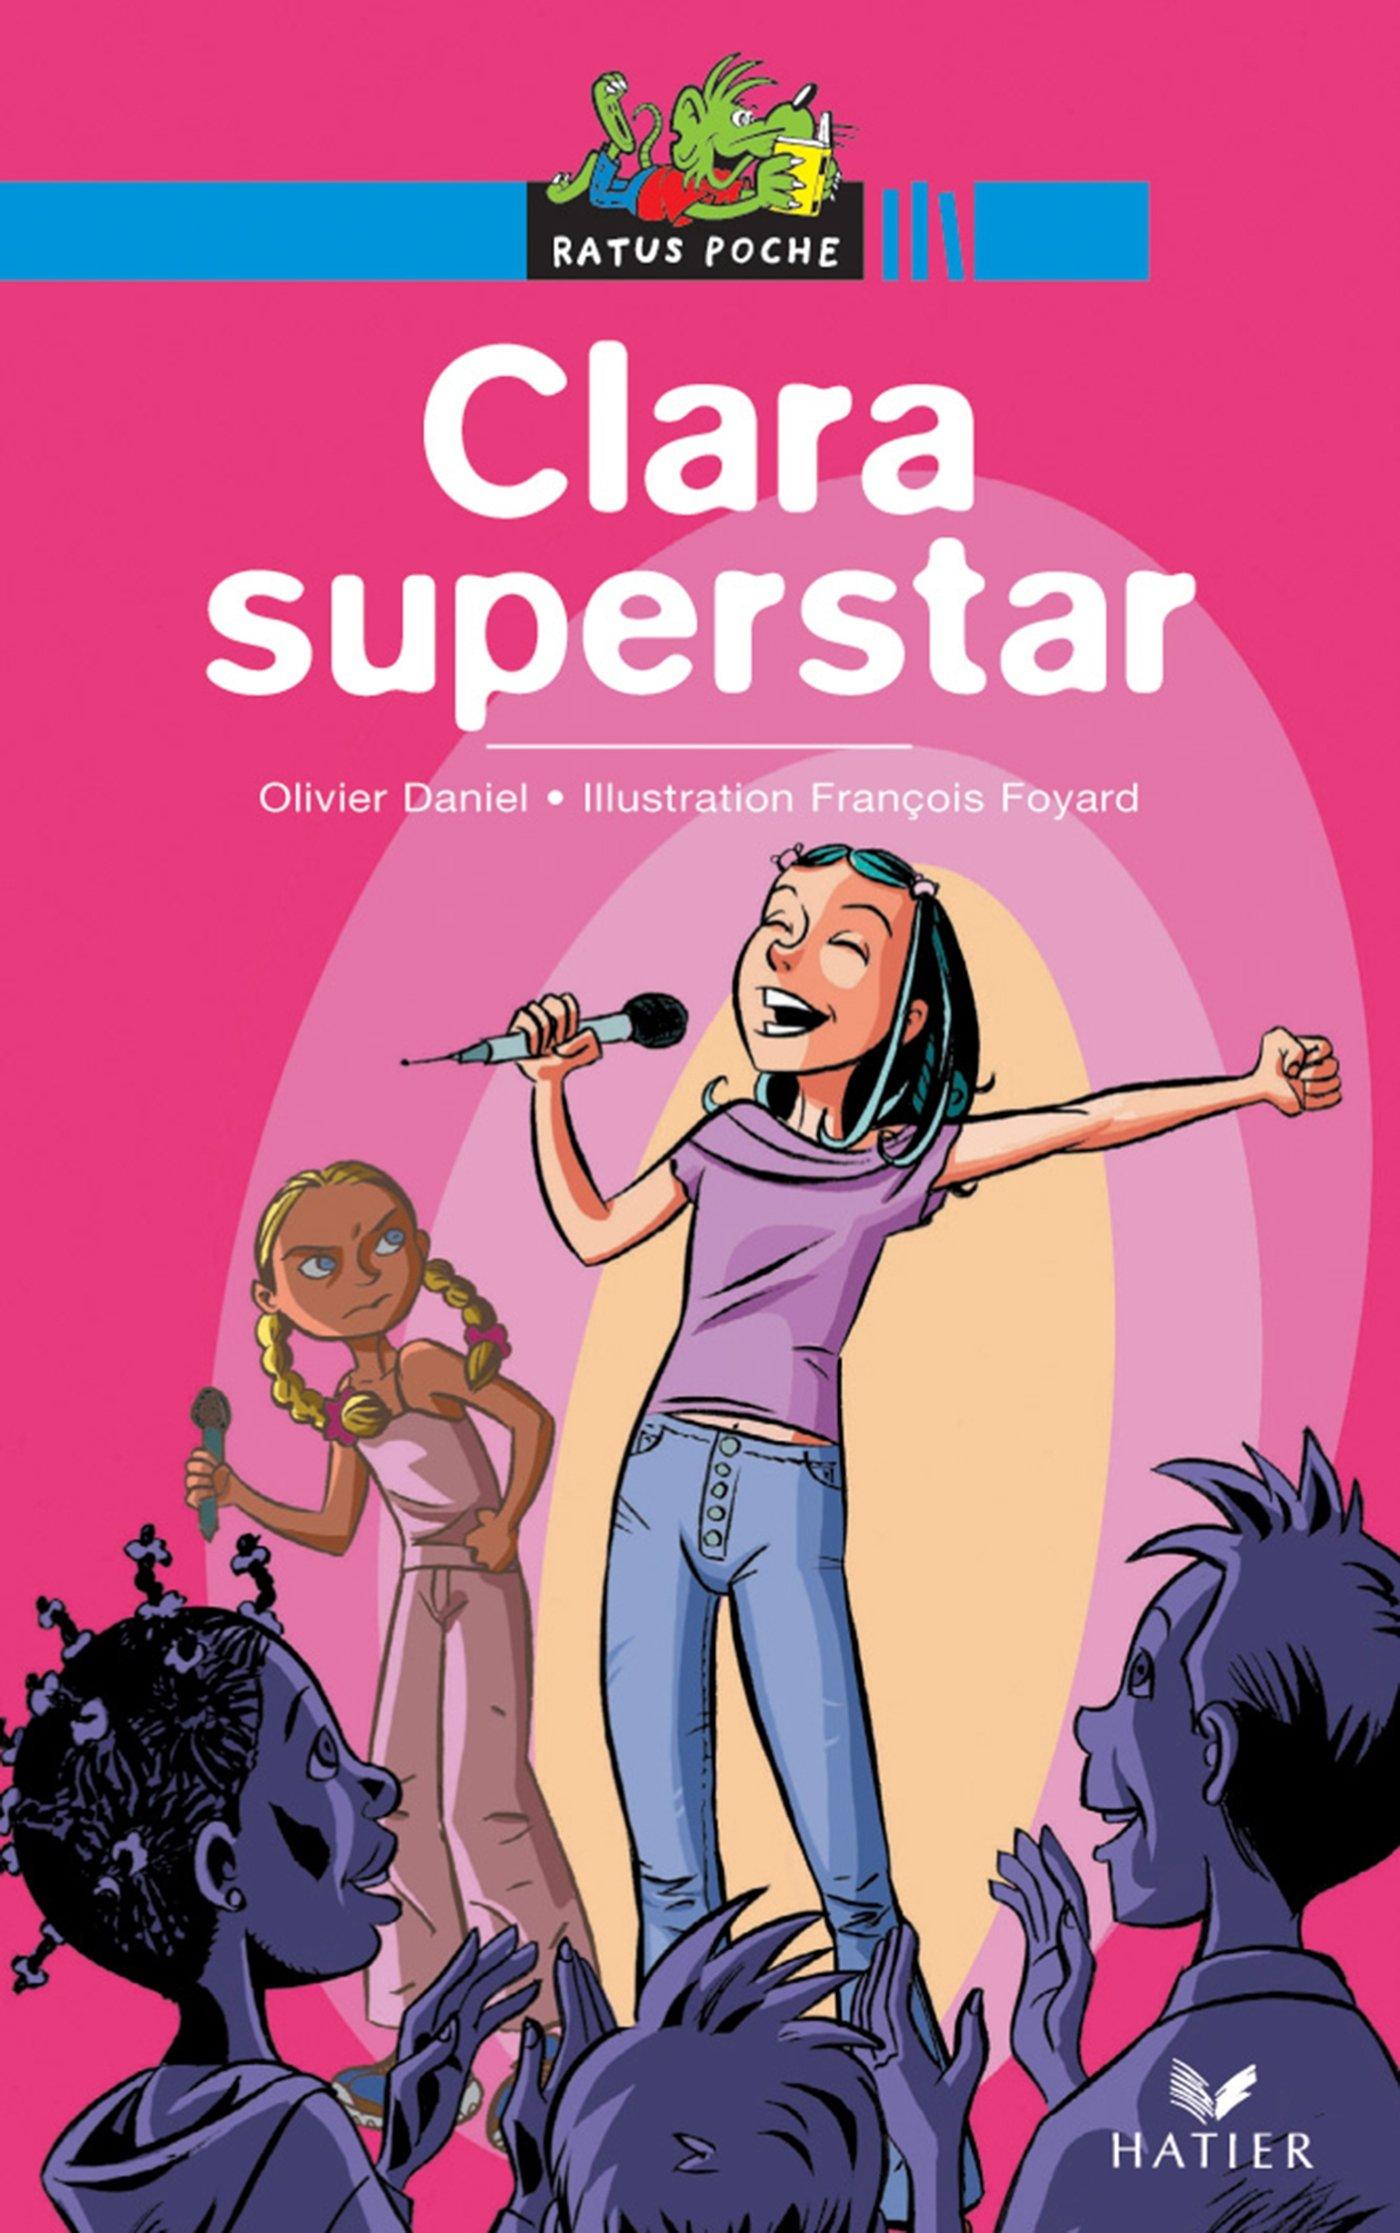 clara rencontre son idole jeune fille blonde cherche rencontre sexe à romainville